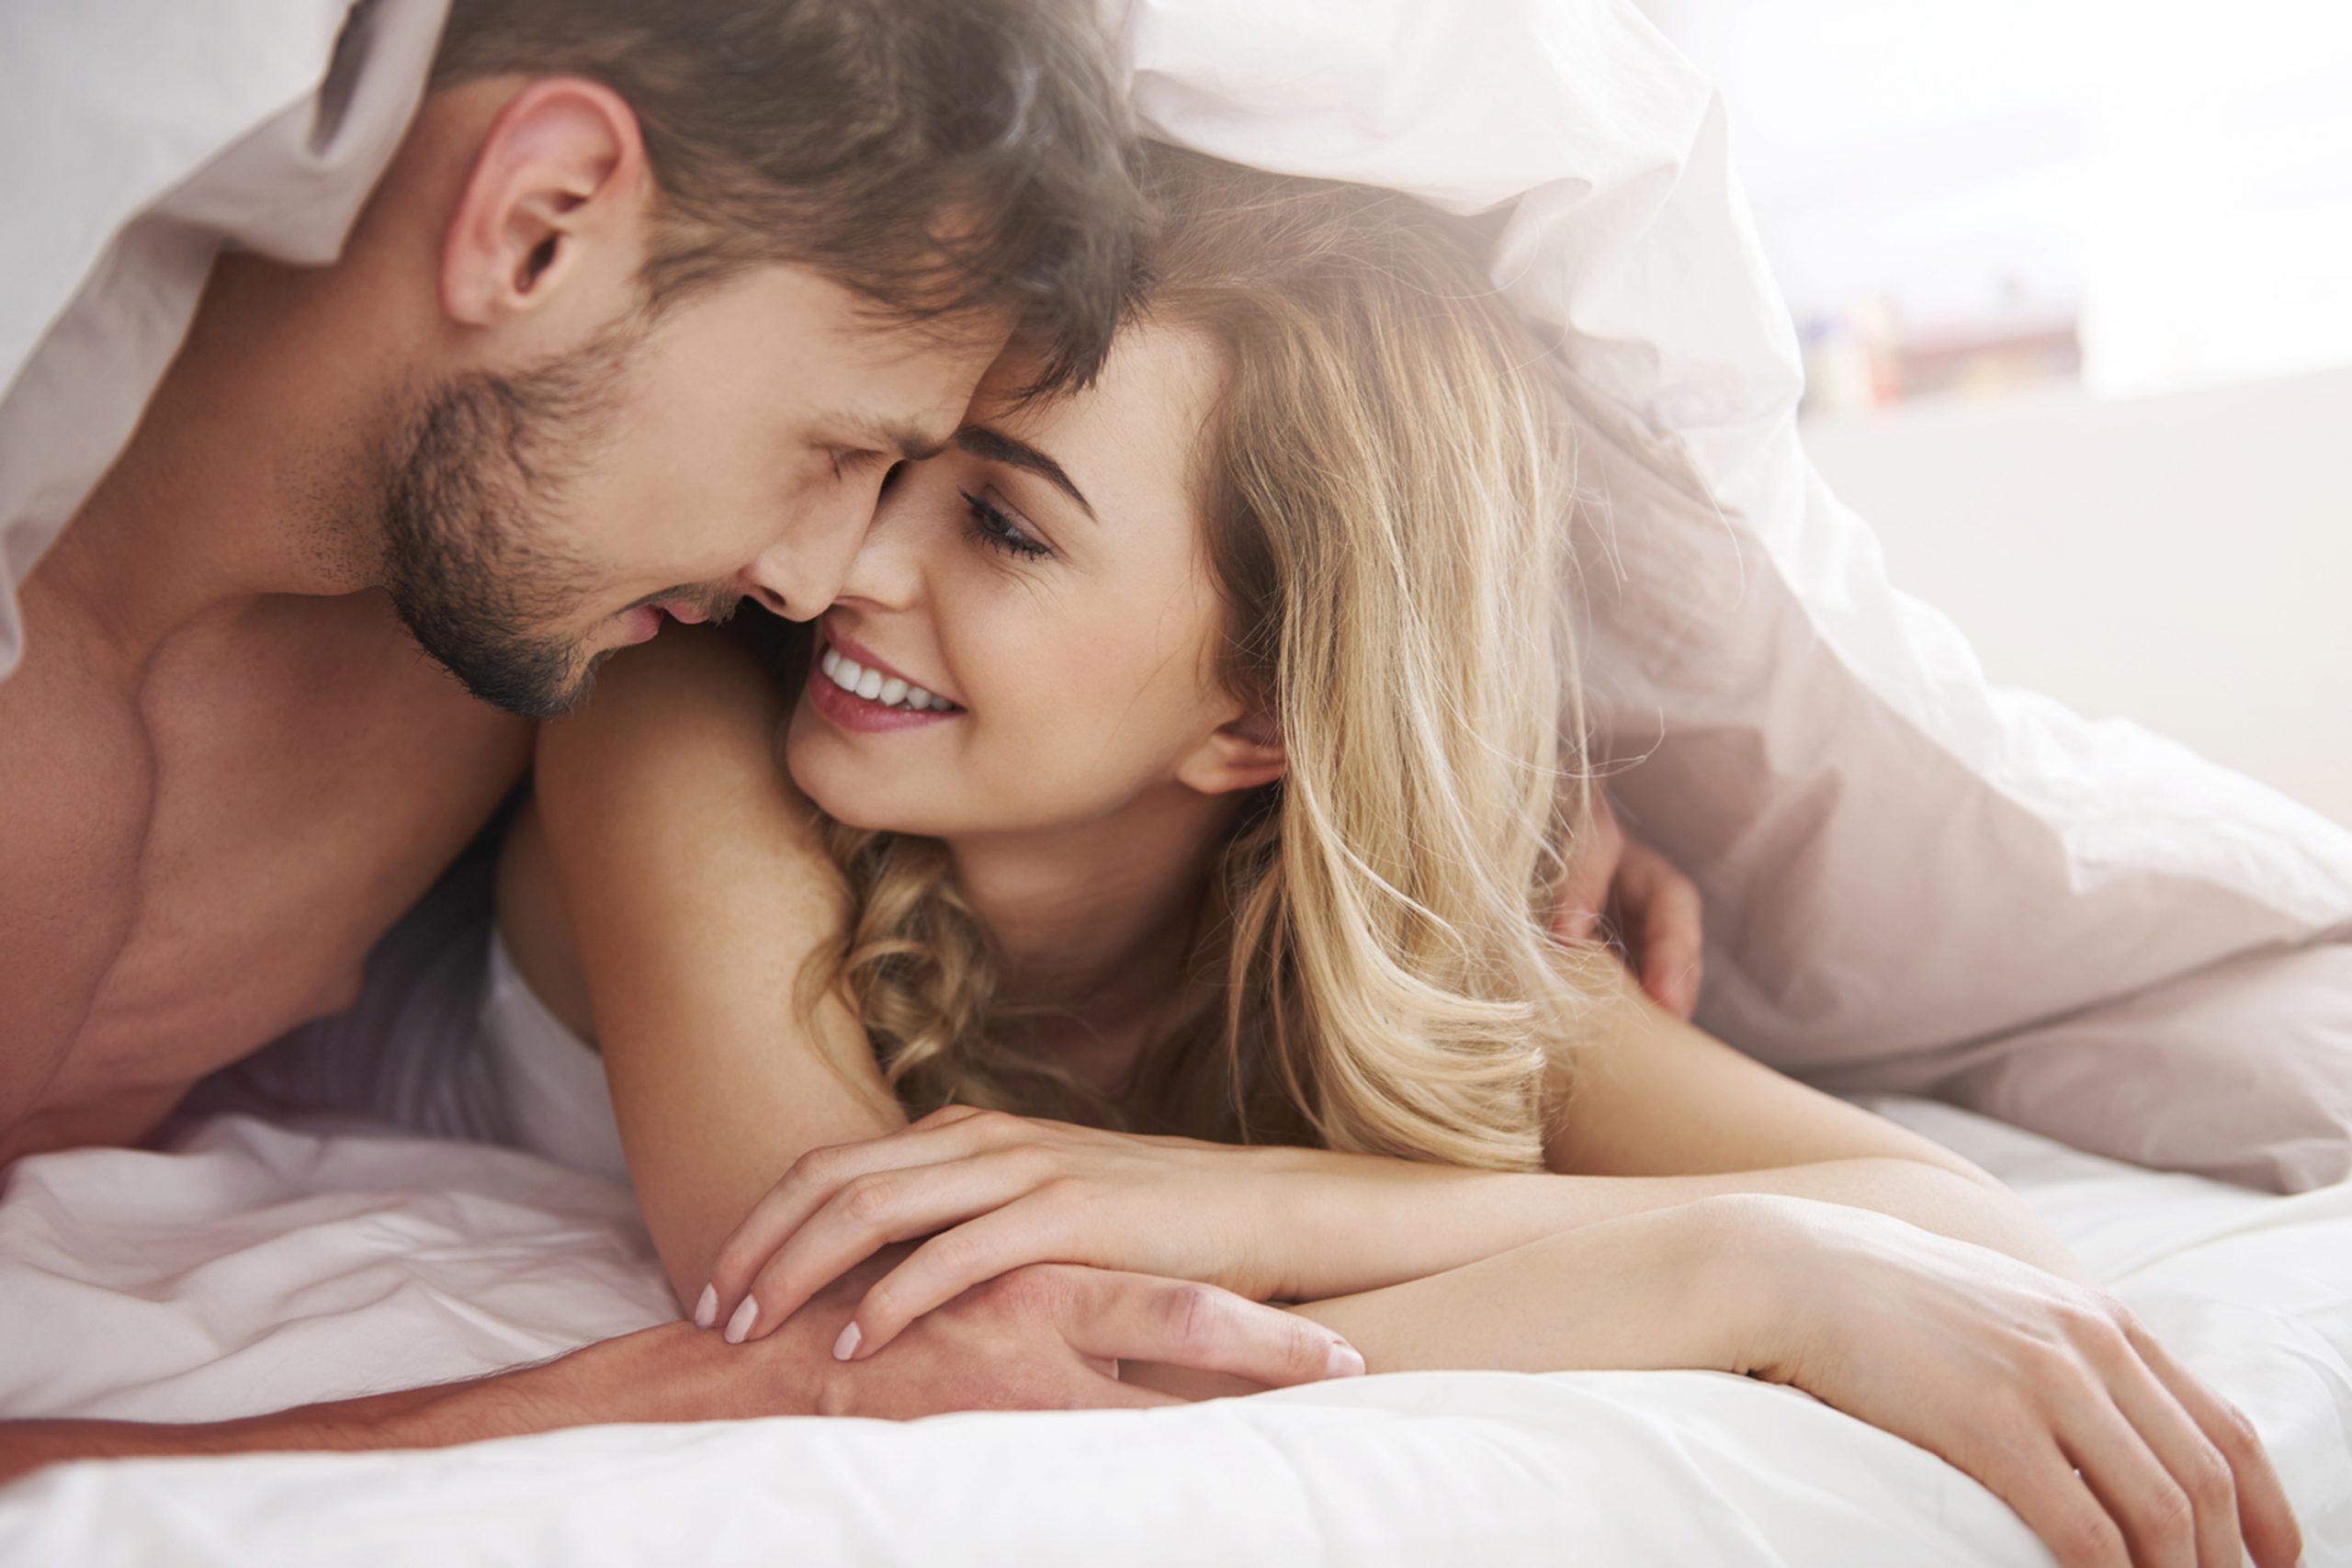 Exercícios Físico X Sexo: desempenho e satisfação aumentam com vida ativa